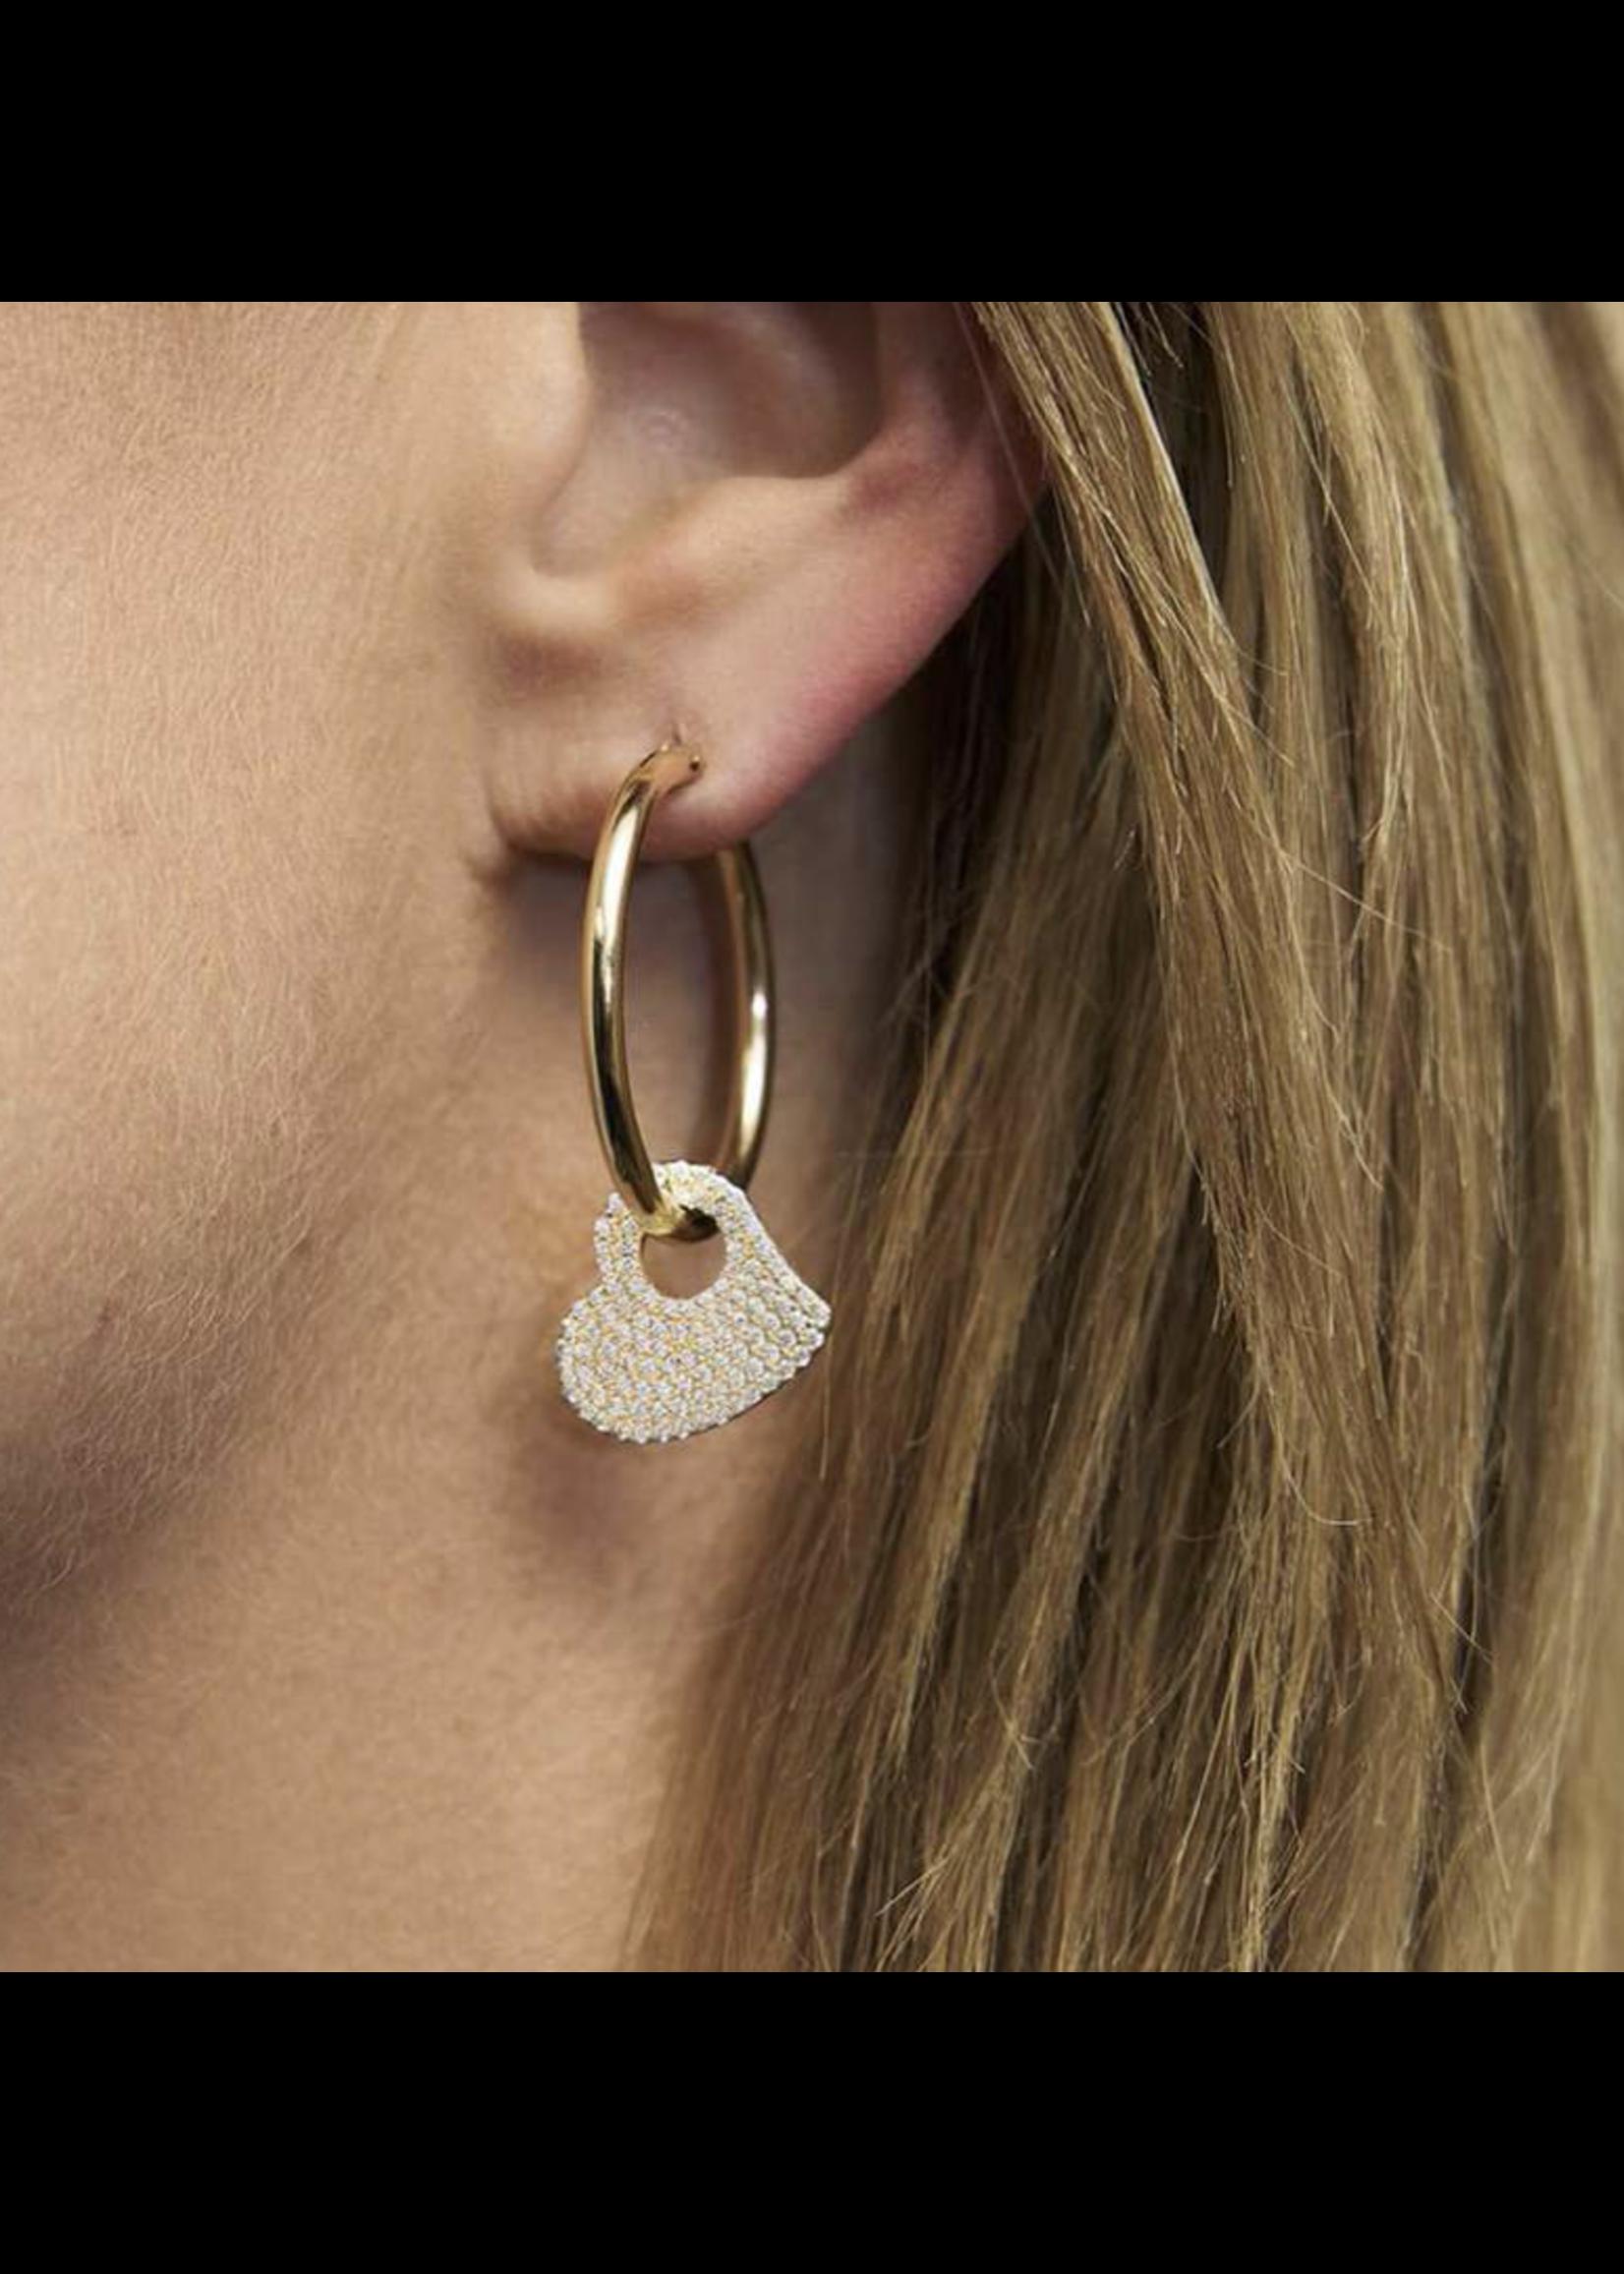 Jaimie Nicole Crazy in Love Heart & Star Hoop Earrings